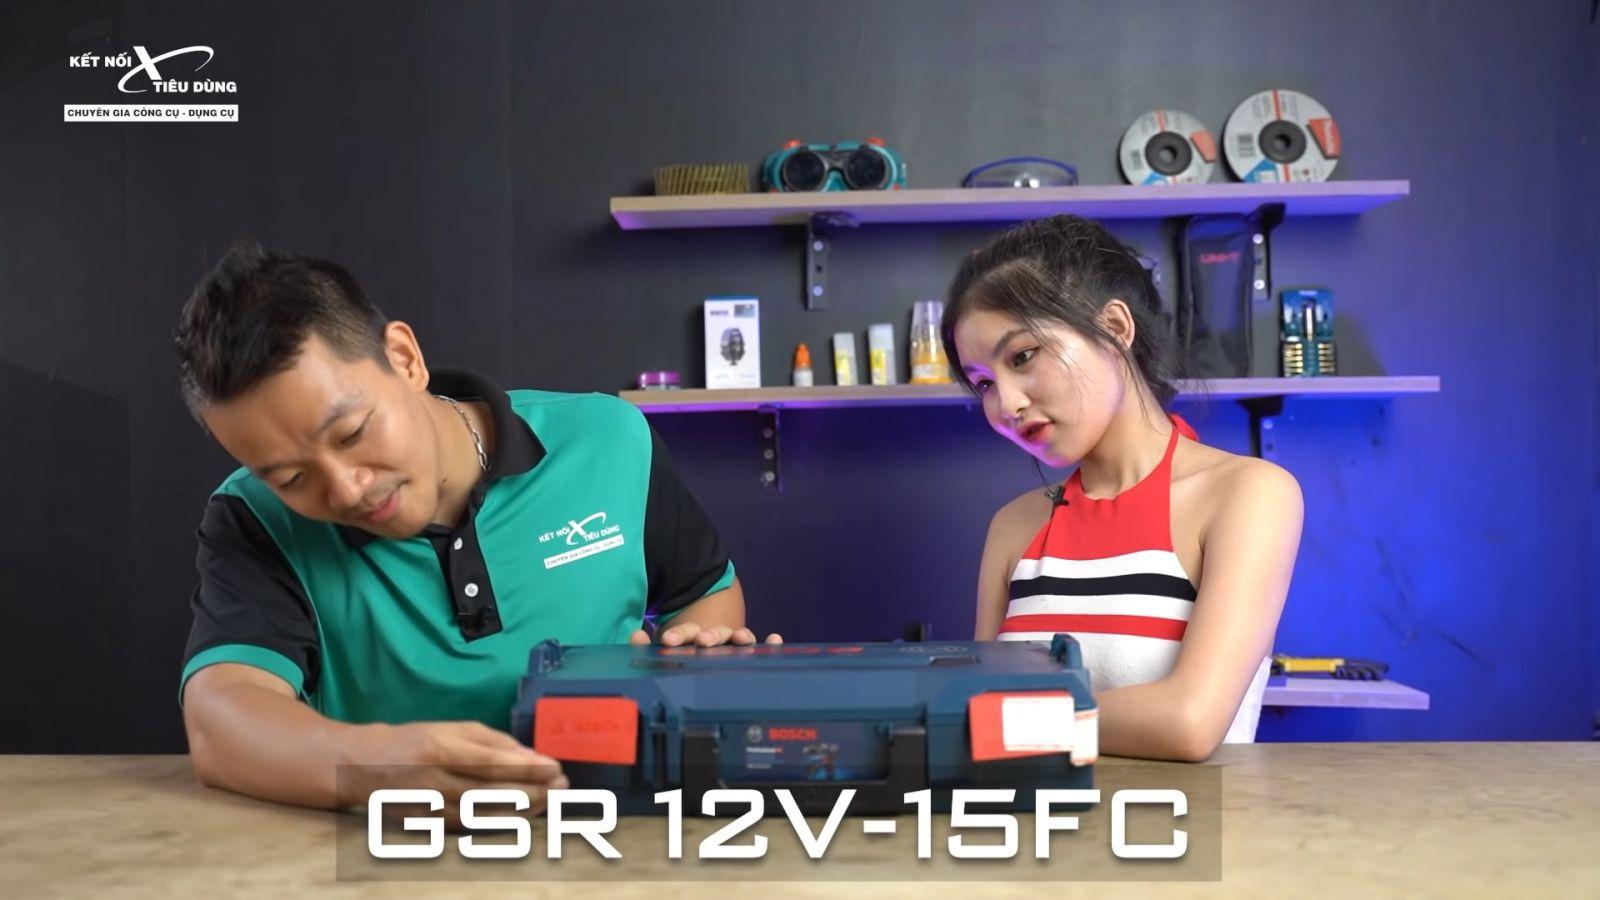 Review xử lý mọi ngóc ngách với máy khoan pin Bosch GSR 12V-15FC: siêu gọn nhẹ, công năng linh hoạt với 4 đầu khoan - thông tin chi tiết máy khoan